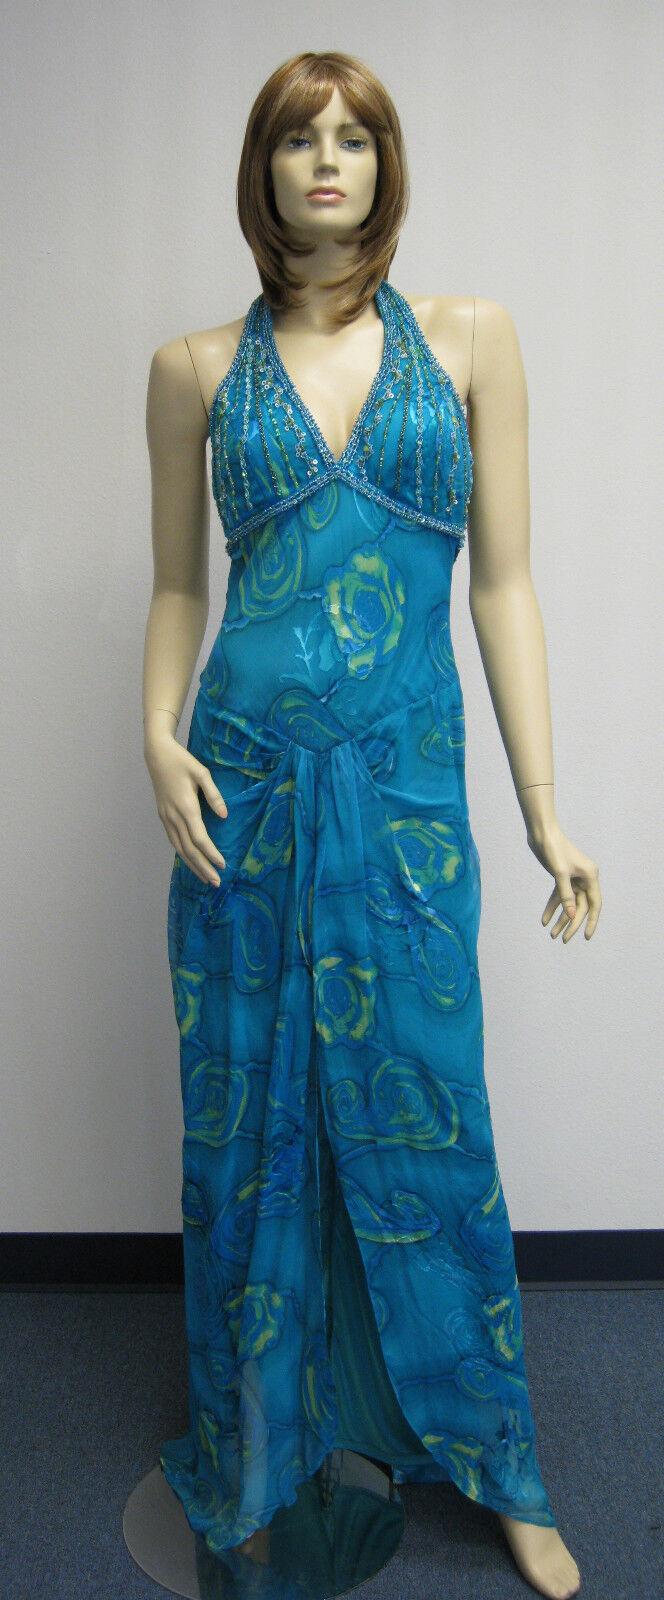 Sue Wong Diseñador Vestido y  chal azul Halter Floral de Noche De Boda Con Cuentas verde Azulado  alta calidad general